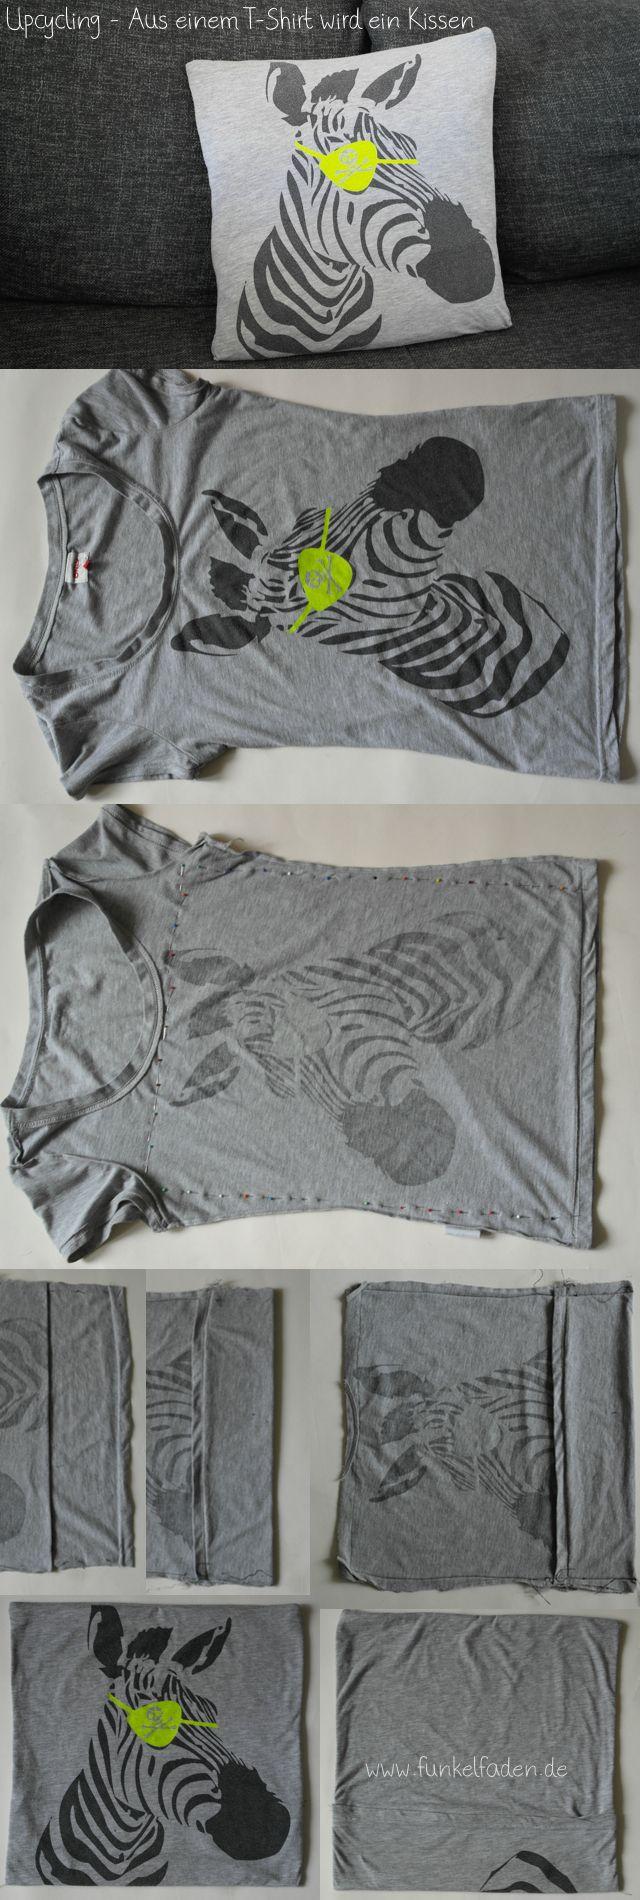 Upcycling – Ein Lieblingsshirt wird zum Sofakissen › Anleitungen, Do it yourself › DIY, Kissen aus T-Shirt nähen, kostenlose Nähanleitung, Nähanleitung Kissen, Recycling, upcycling